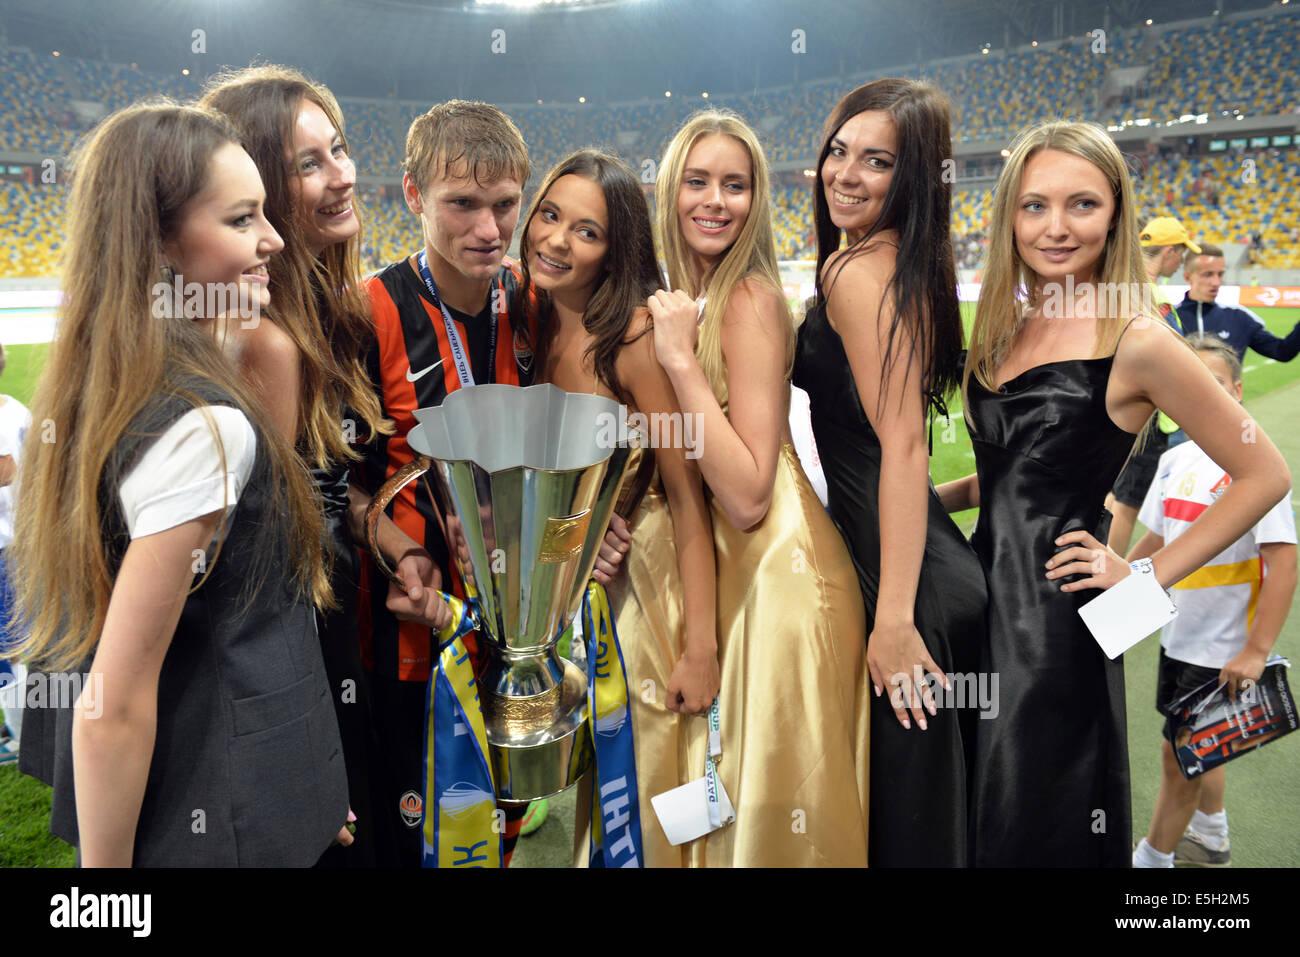 lviv girl dating Dateukrainians - online dating in lvov 100% free dating lovely lviv girls.